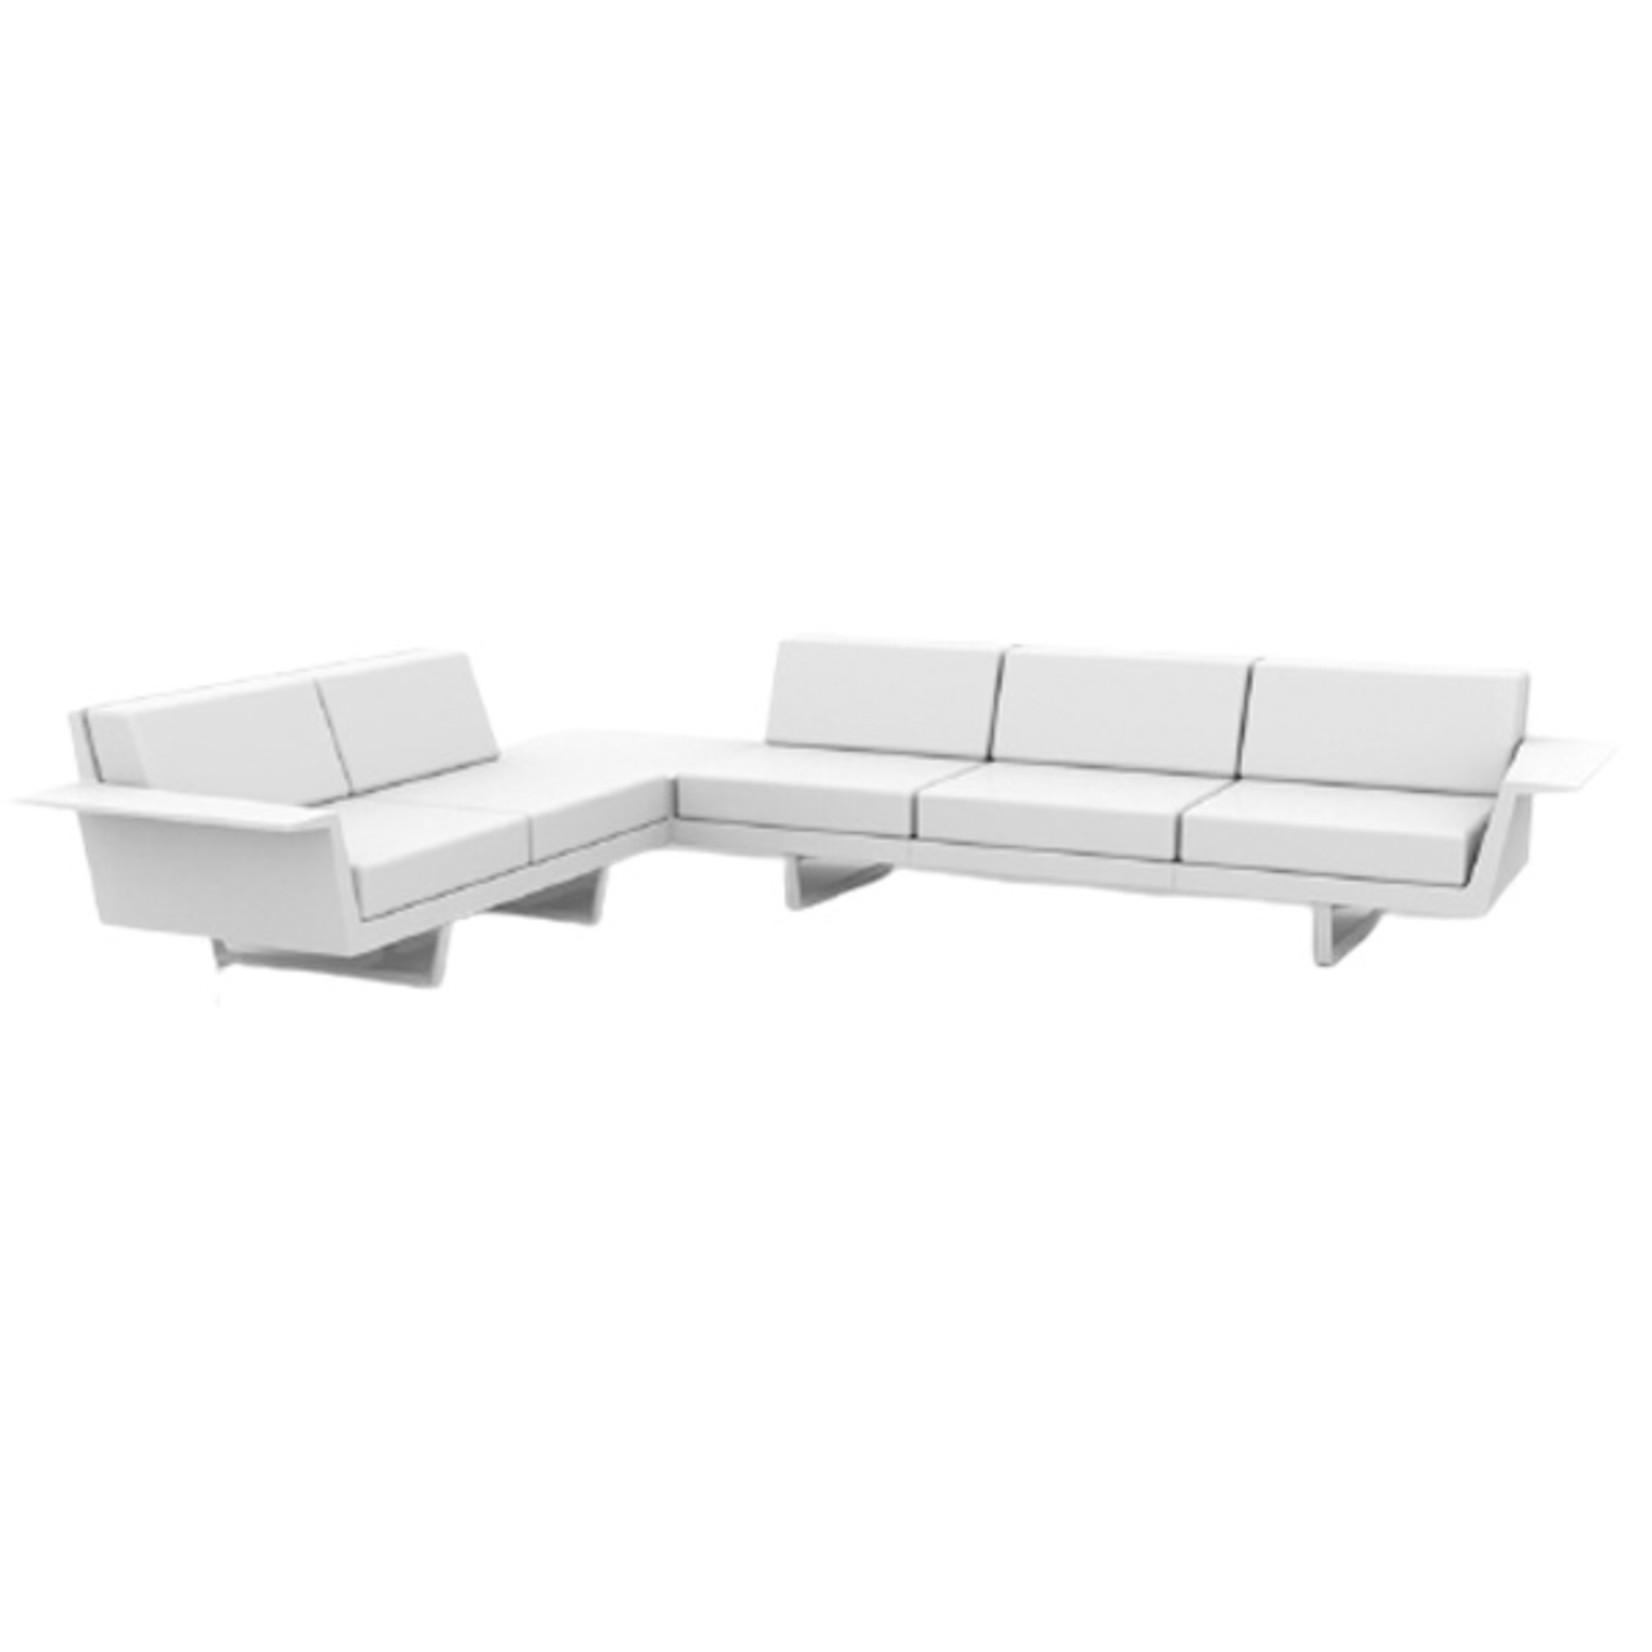 Vondom DELTA Corner Sofa right 5 seat